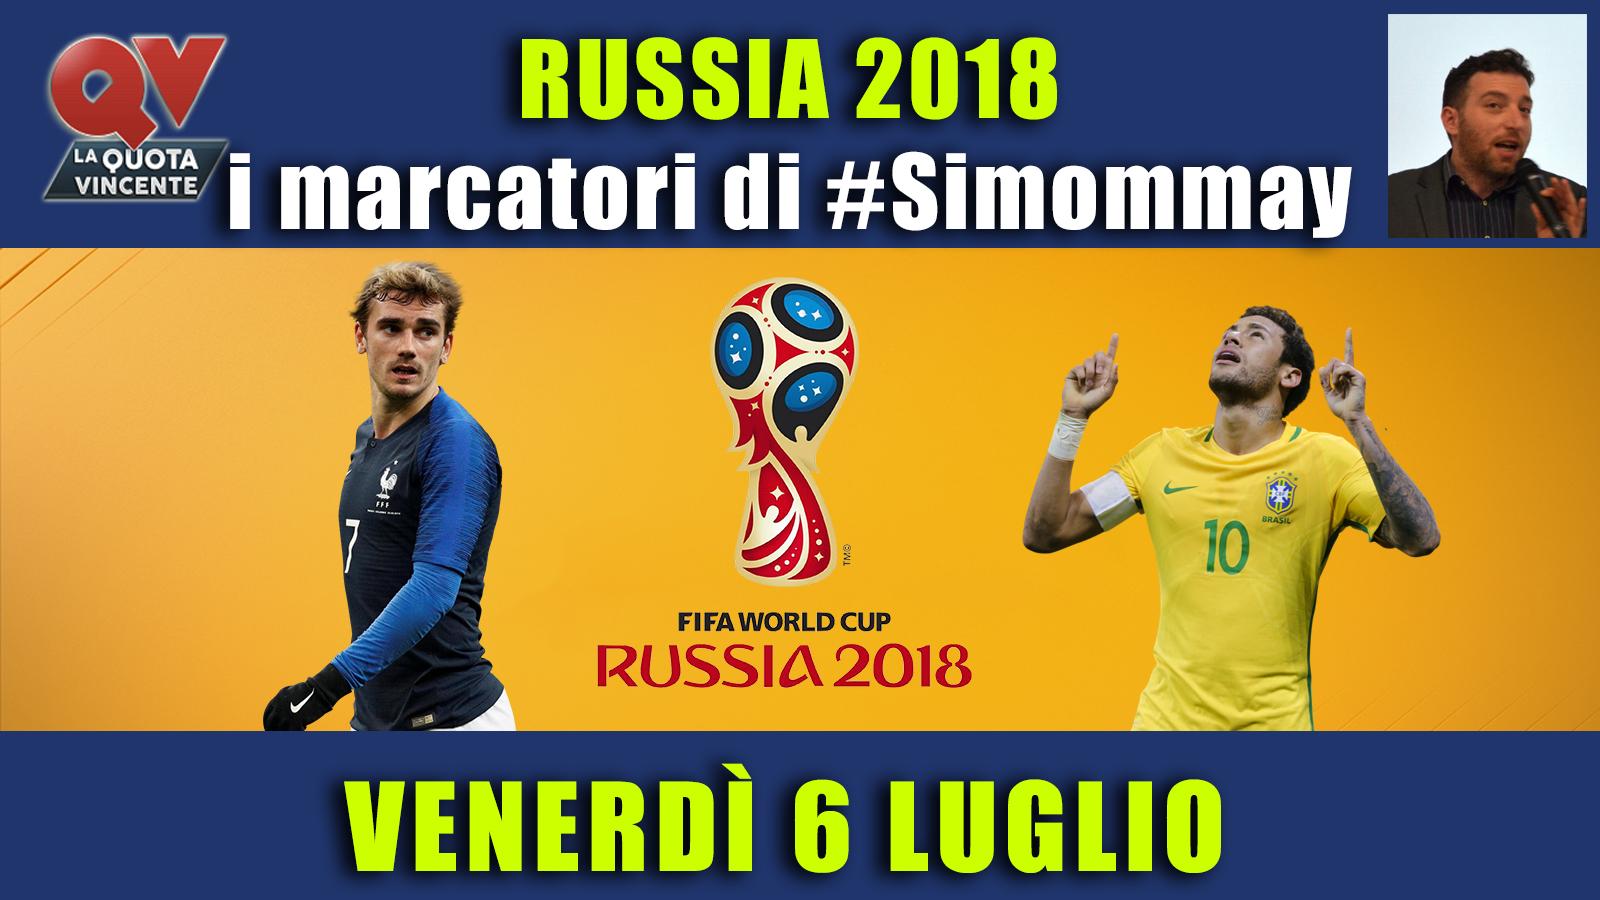 Pronostici marcatori Mondiali 6 luglio: i marcatori di #simommay